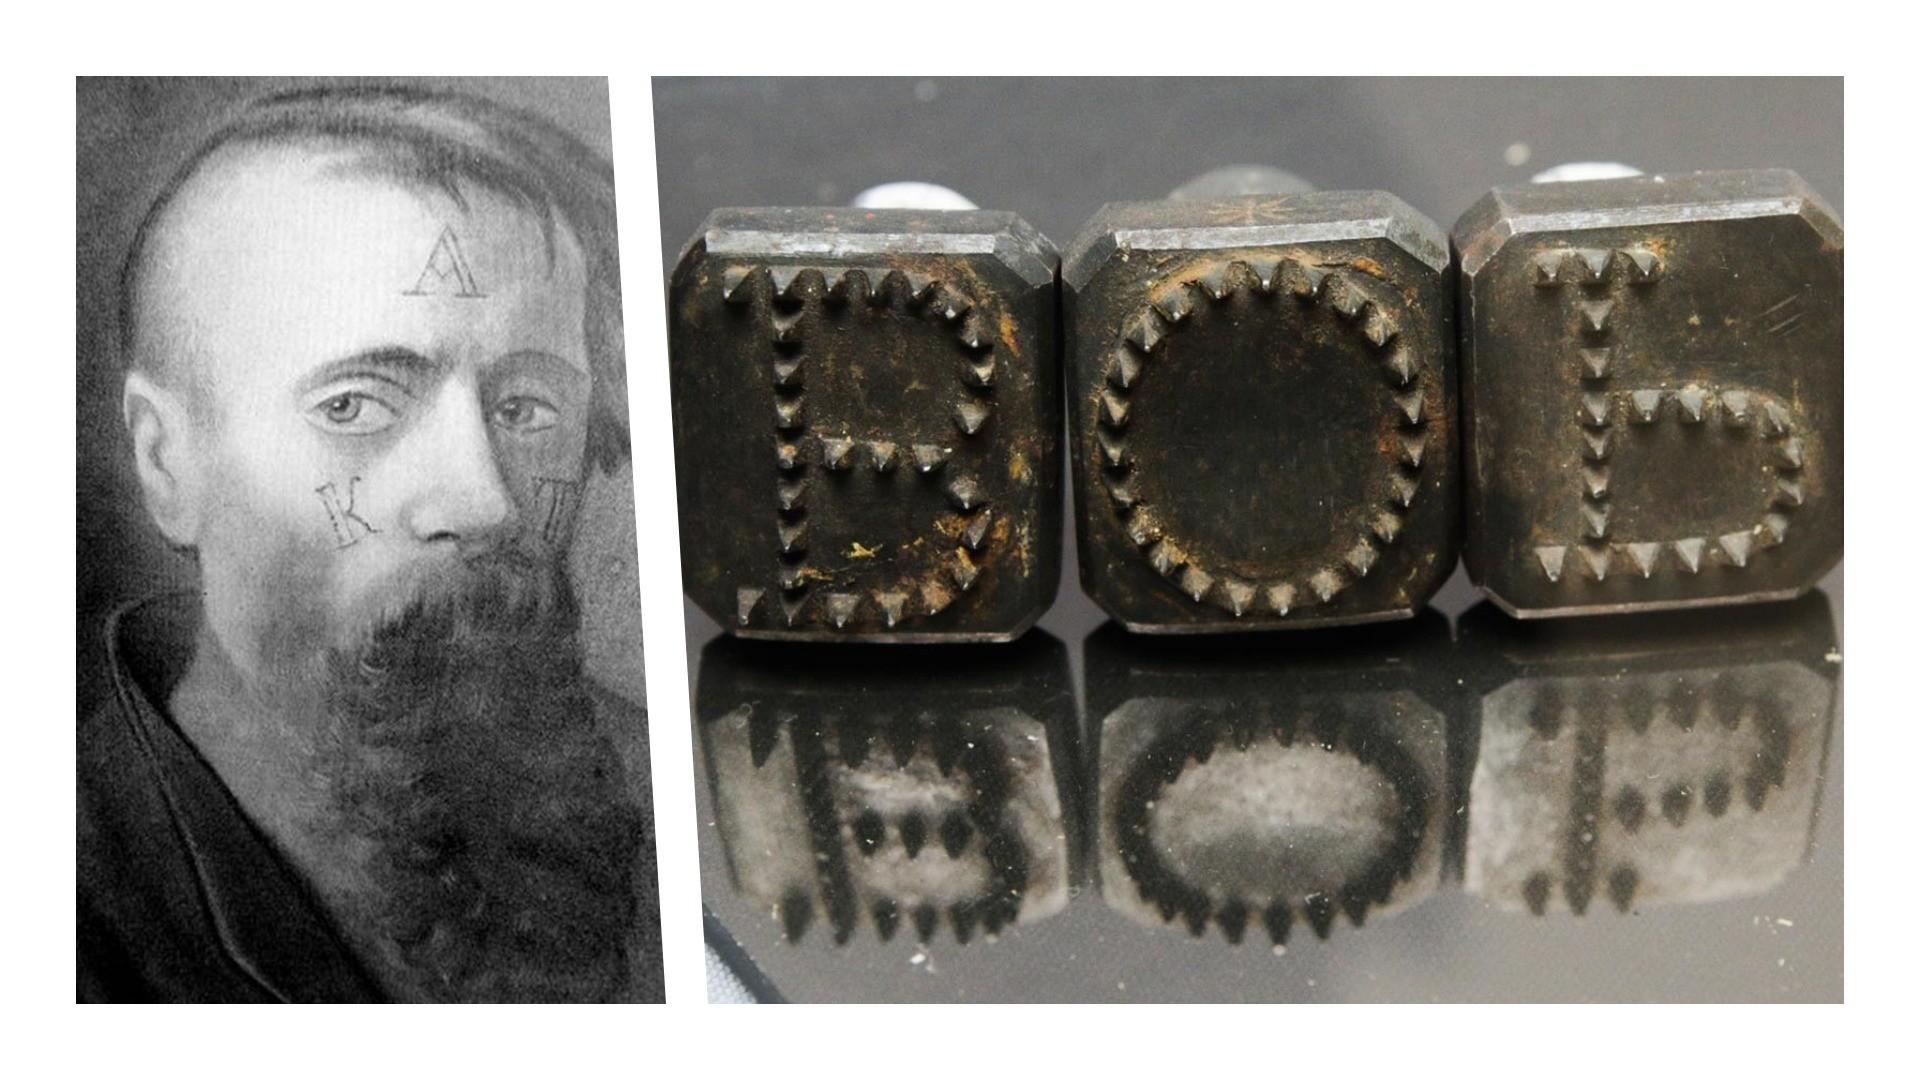 Die Art und Weise, wie Branding auf dem Gesicht eines Sträflings durchgeführt wurde / Das Werkzeug für das menschliche Branding, Anfang des 19. Jahrhunderts.